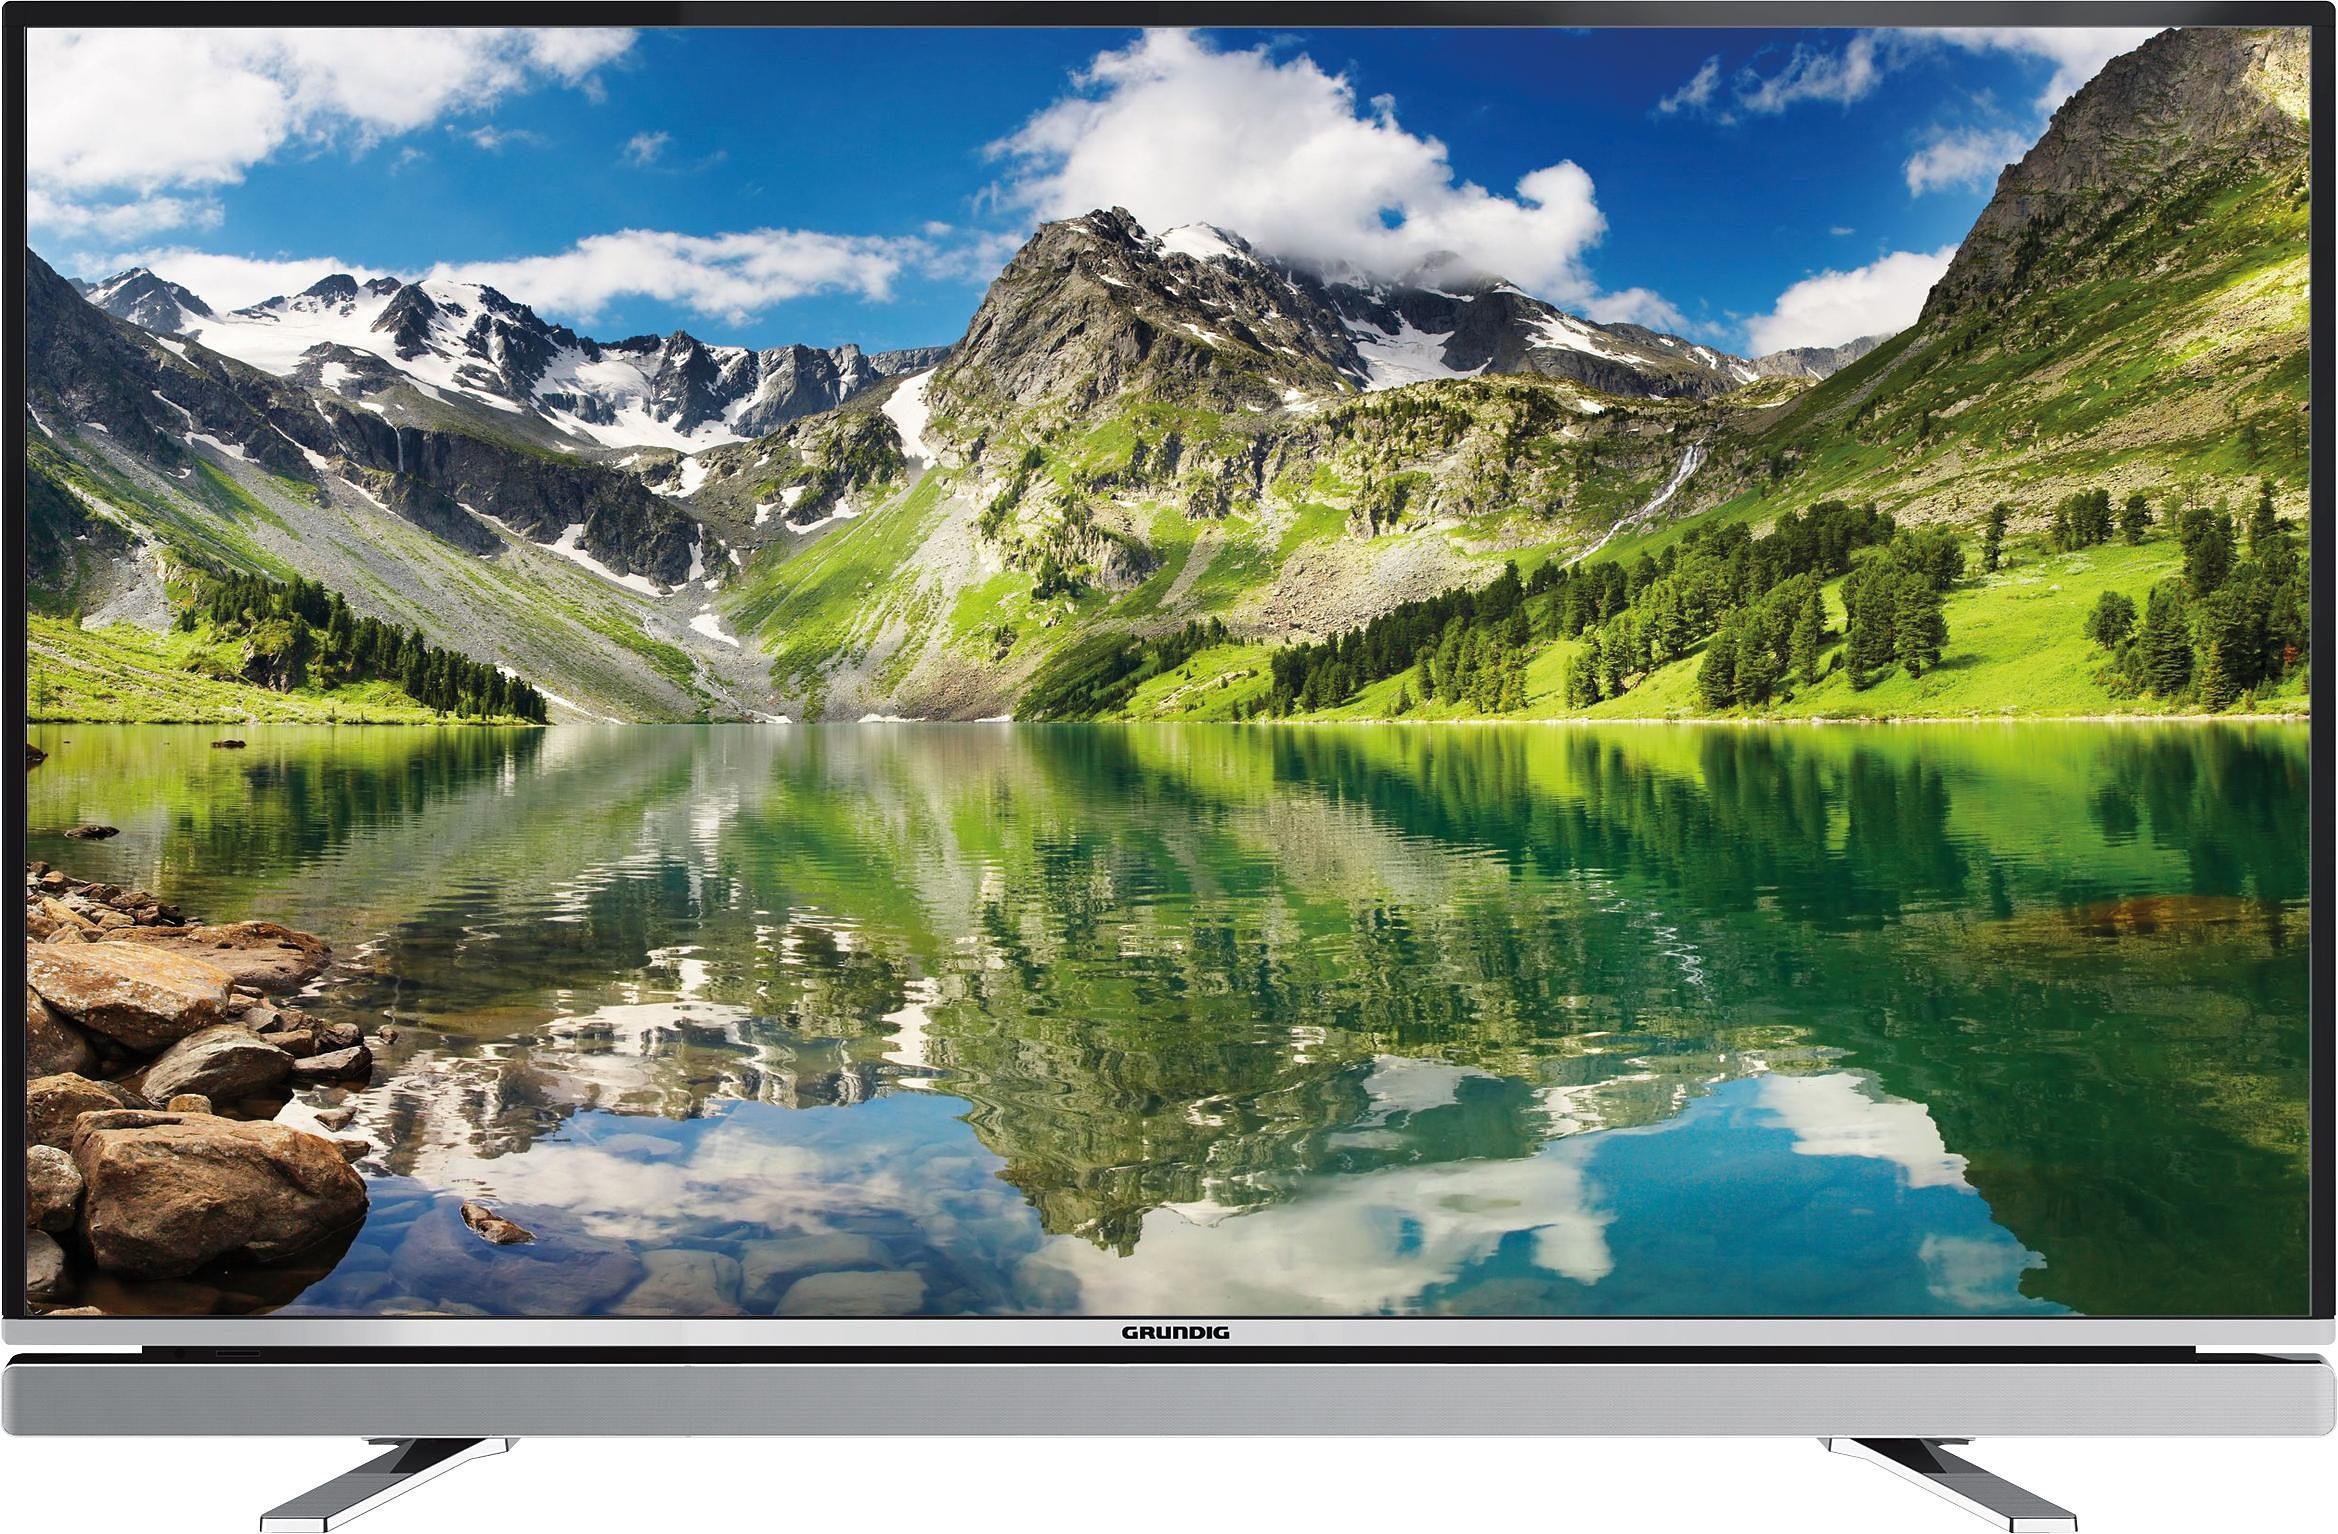 Grundig 43GFB6623 LED Fernseher (108 cm (43 Zoll), Full HD, Smart-TV) inkl. 36 Monate Garantie